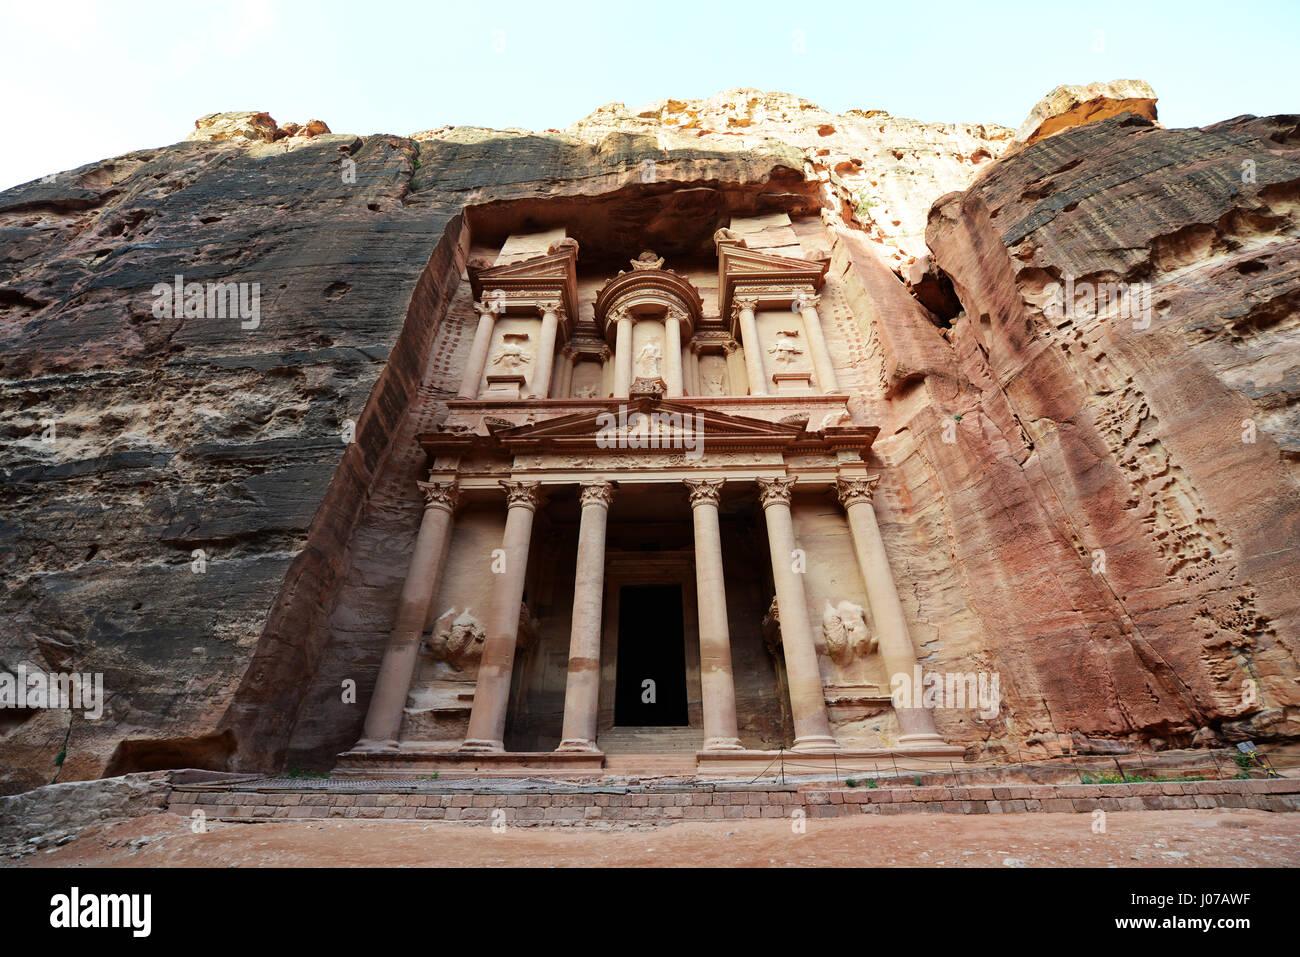 Del Tesoro (El Khazneh) en la antigua ciudad de Petra Nabateo en Jordania. Imagen De Stock